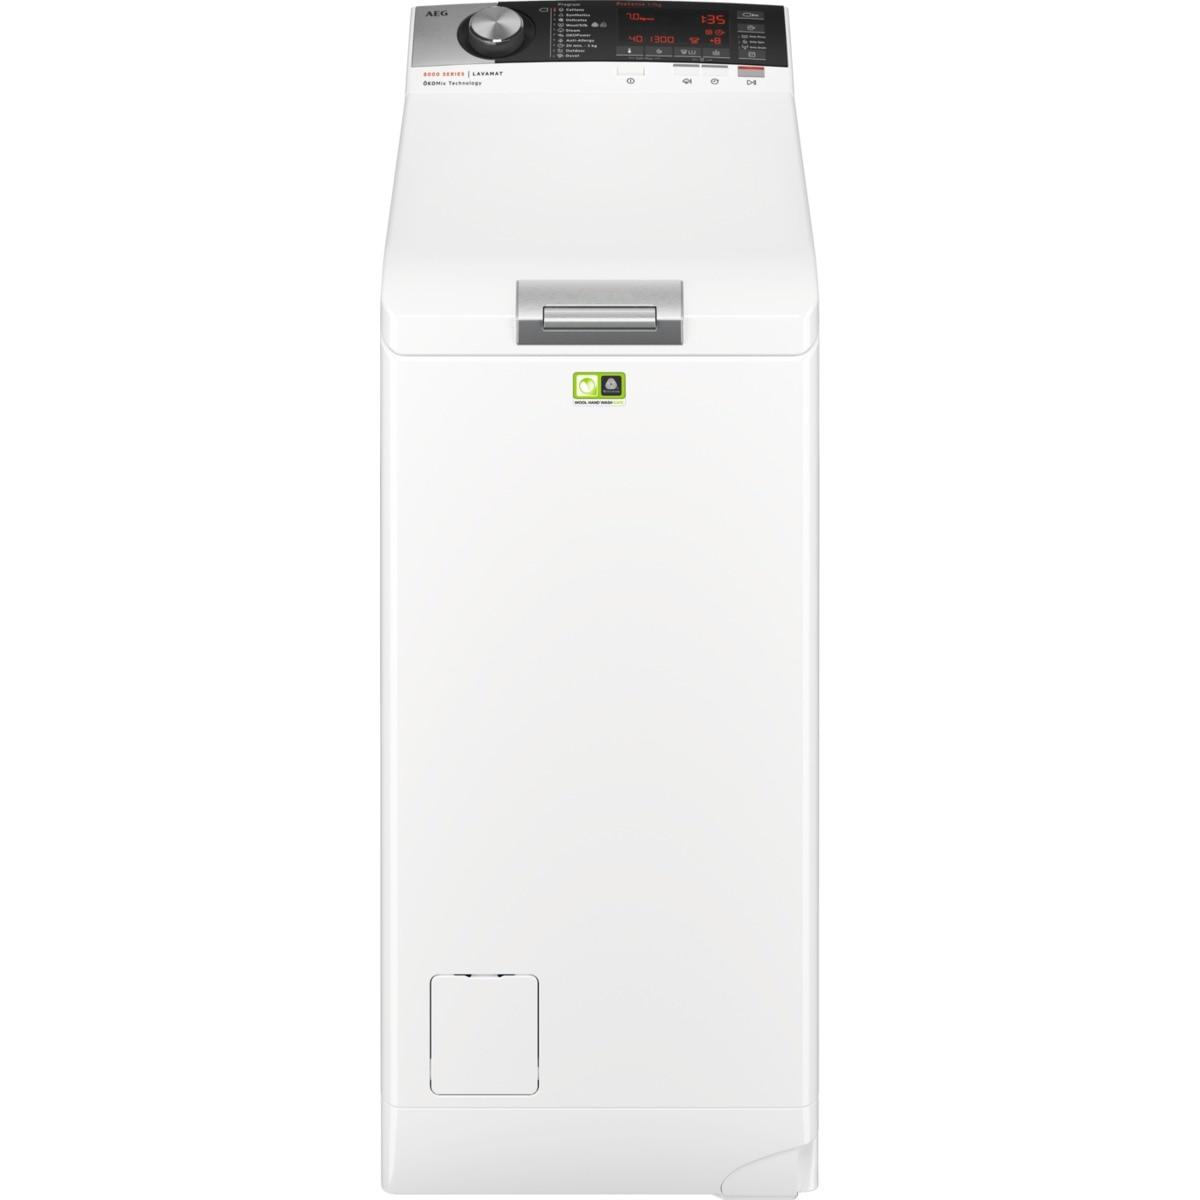 Fotografie Masina de spalat rufe cu incarcare verticala AEG LTX8C373E, Seria 8000, OkoMIX, 1300 RPM, 7 kg, Clasa A+++, Alb